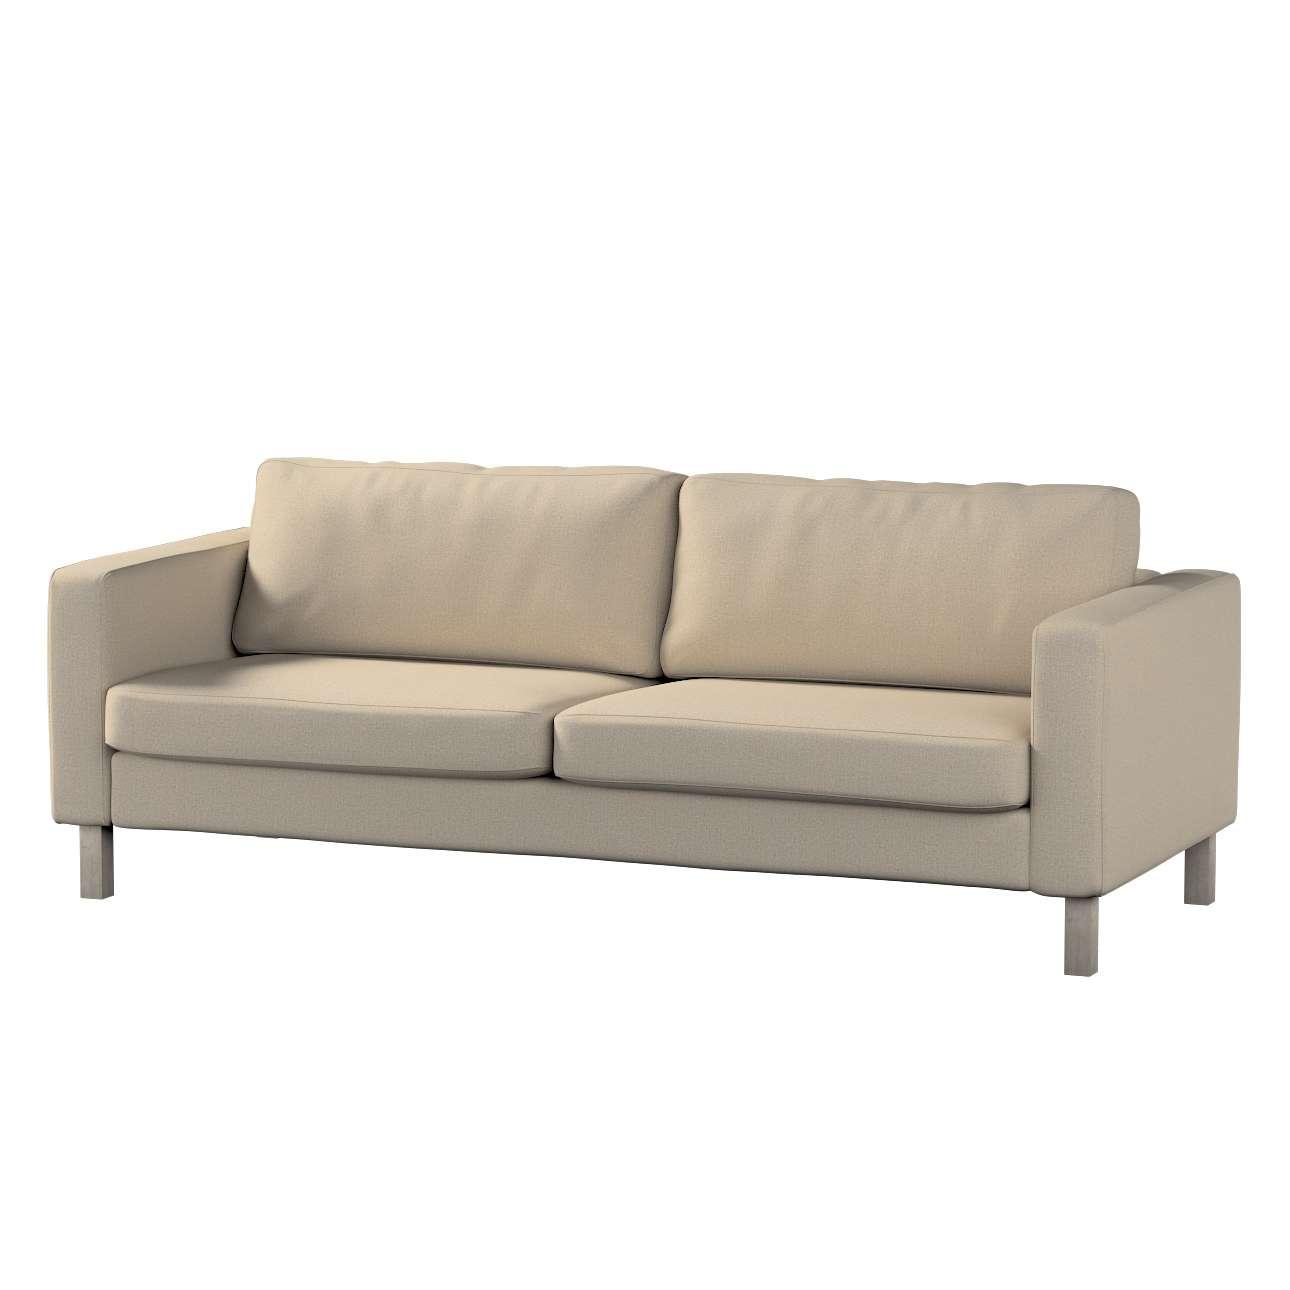 Karlstad sofos-lovos užvalkalas Karlstad trivietės sofos-lovos užvalkalas (išlankstomai sofai) kolekcijoje Edinburgh , audinys: 115-78